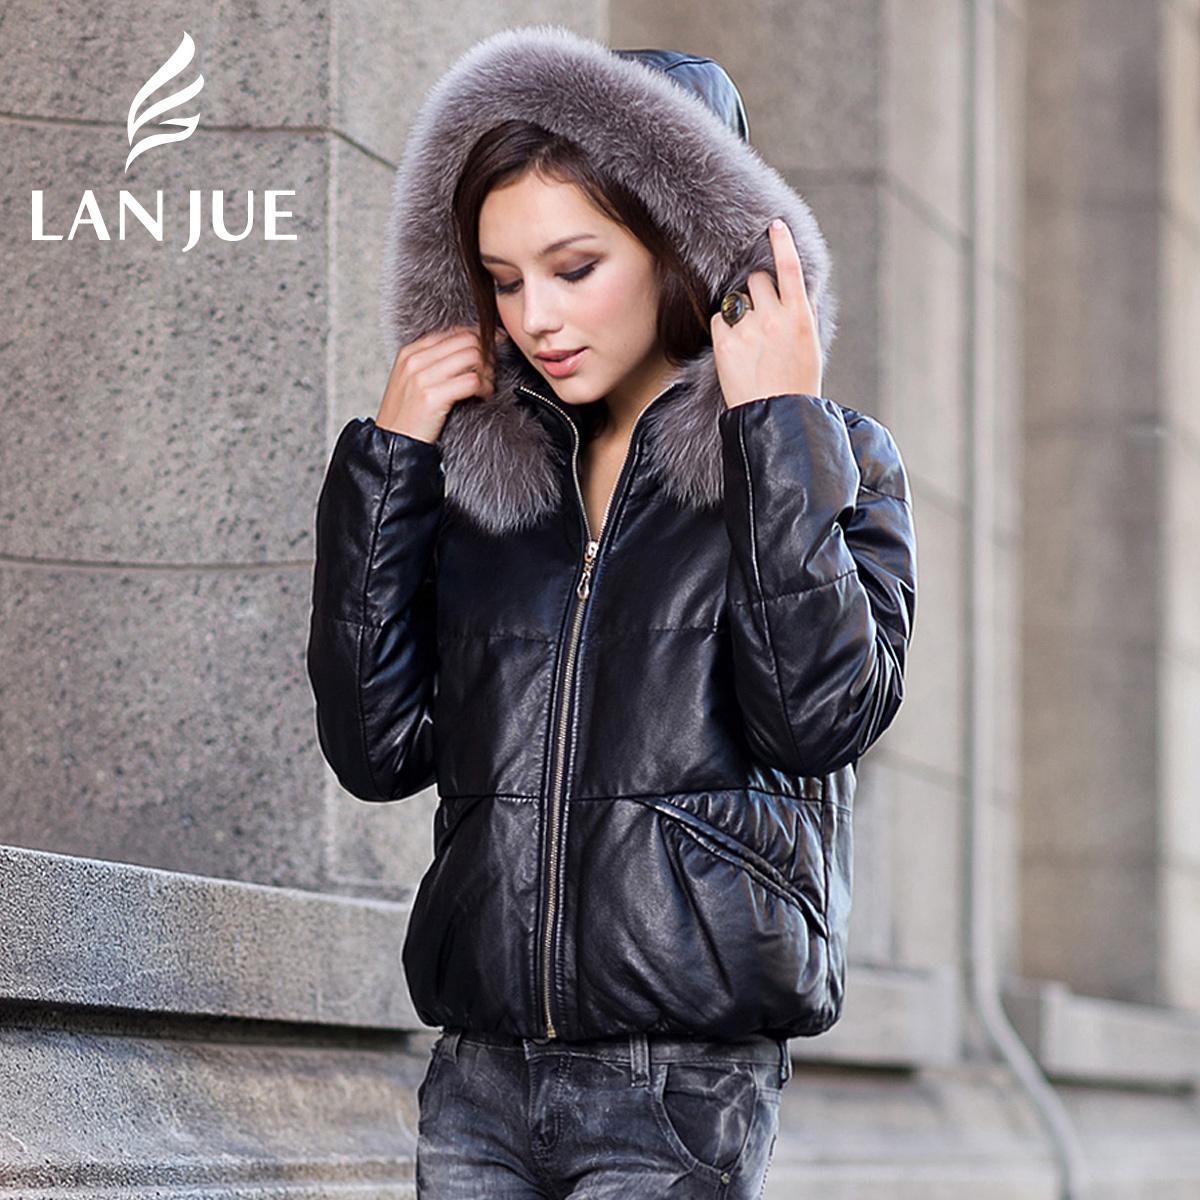 Купить Куртку Зимнюю Короткую С Мехом Женскую Недорого